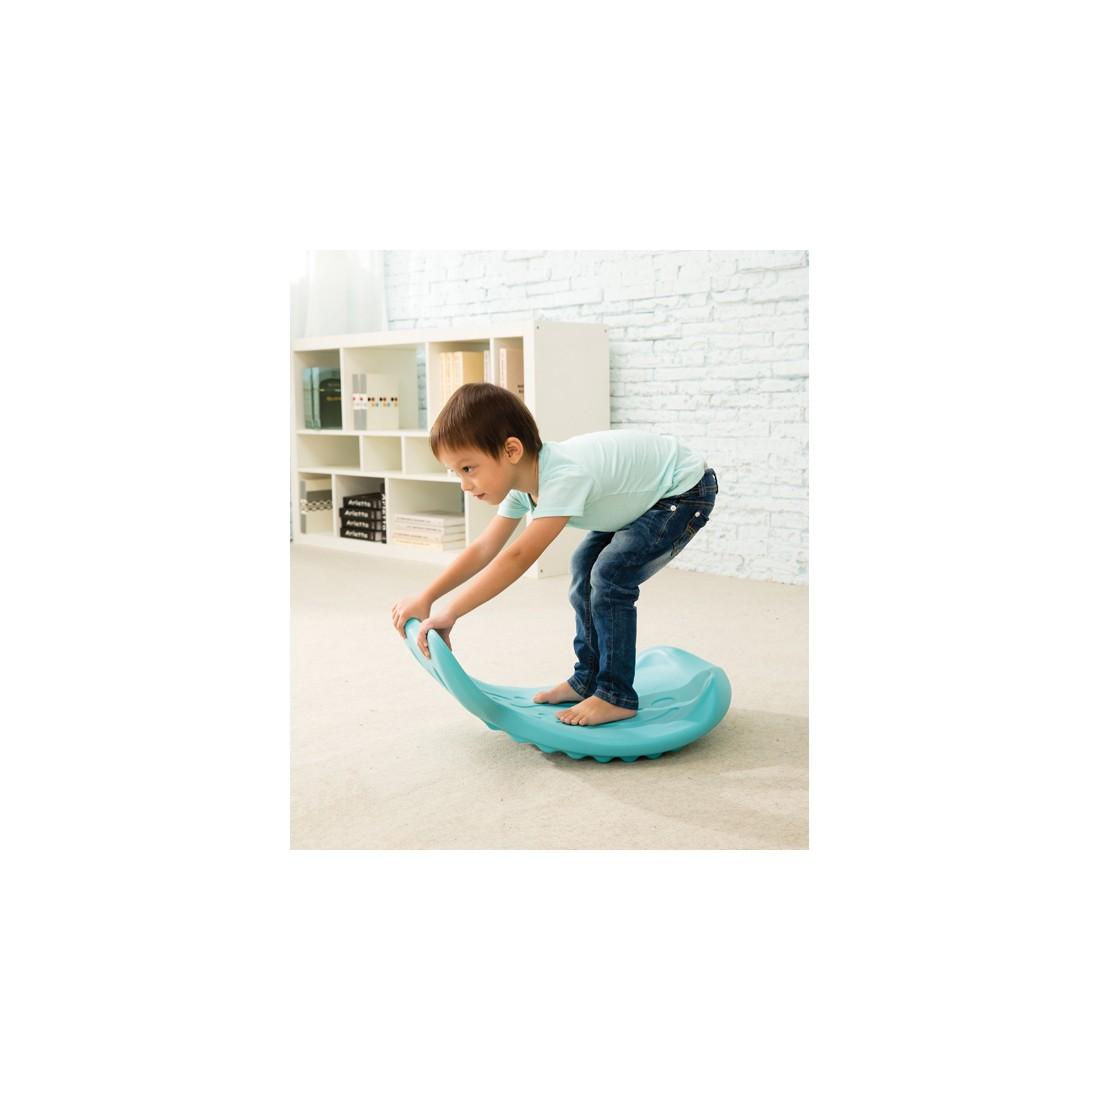 Pour Enfants D'équilibre Enfants Planche Pour D'équilibre D'équilibre Planche Enfants Planche Pour CxdoBeWr